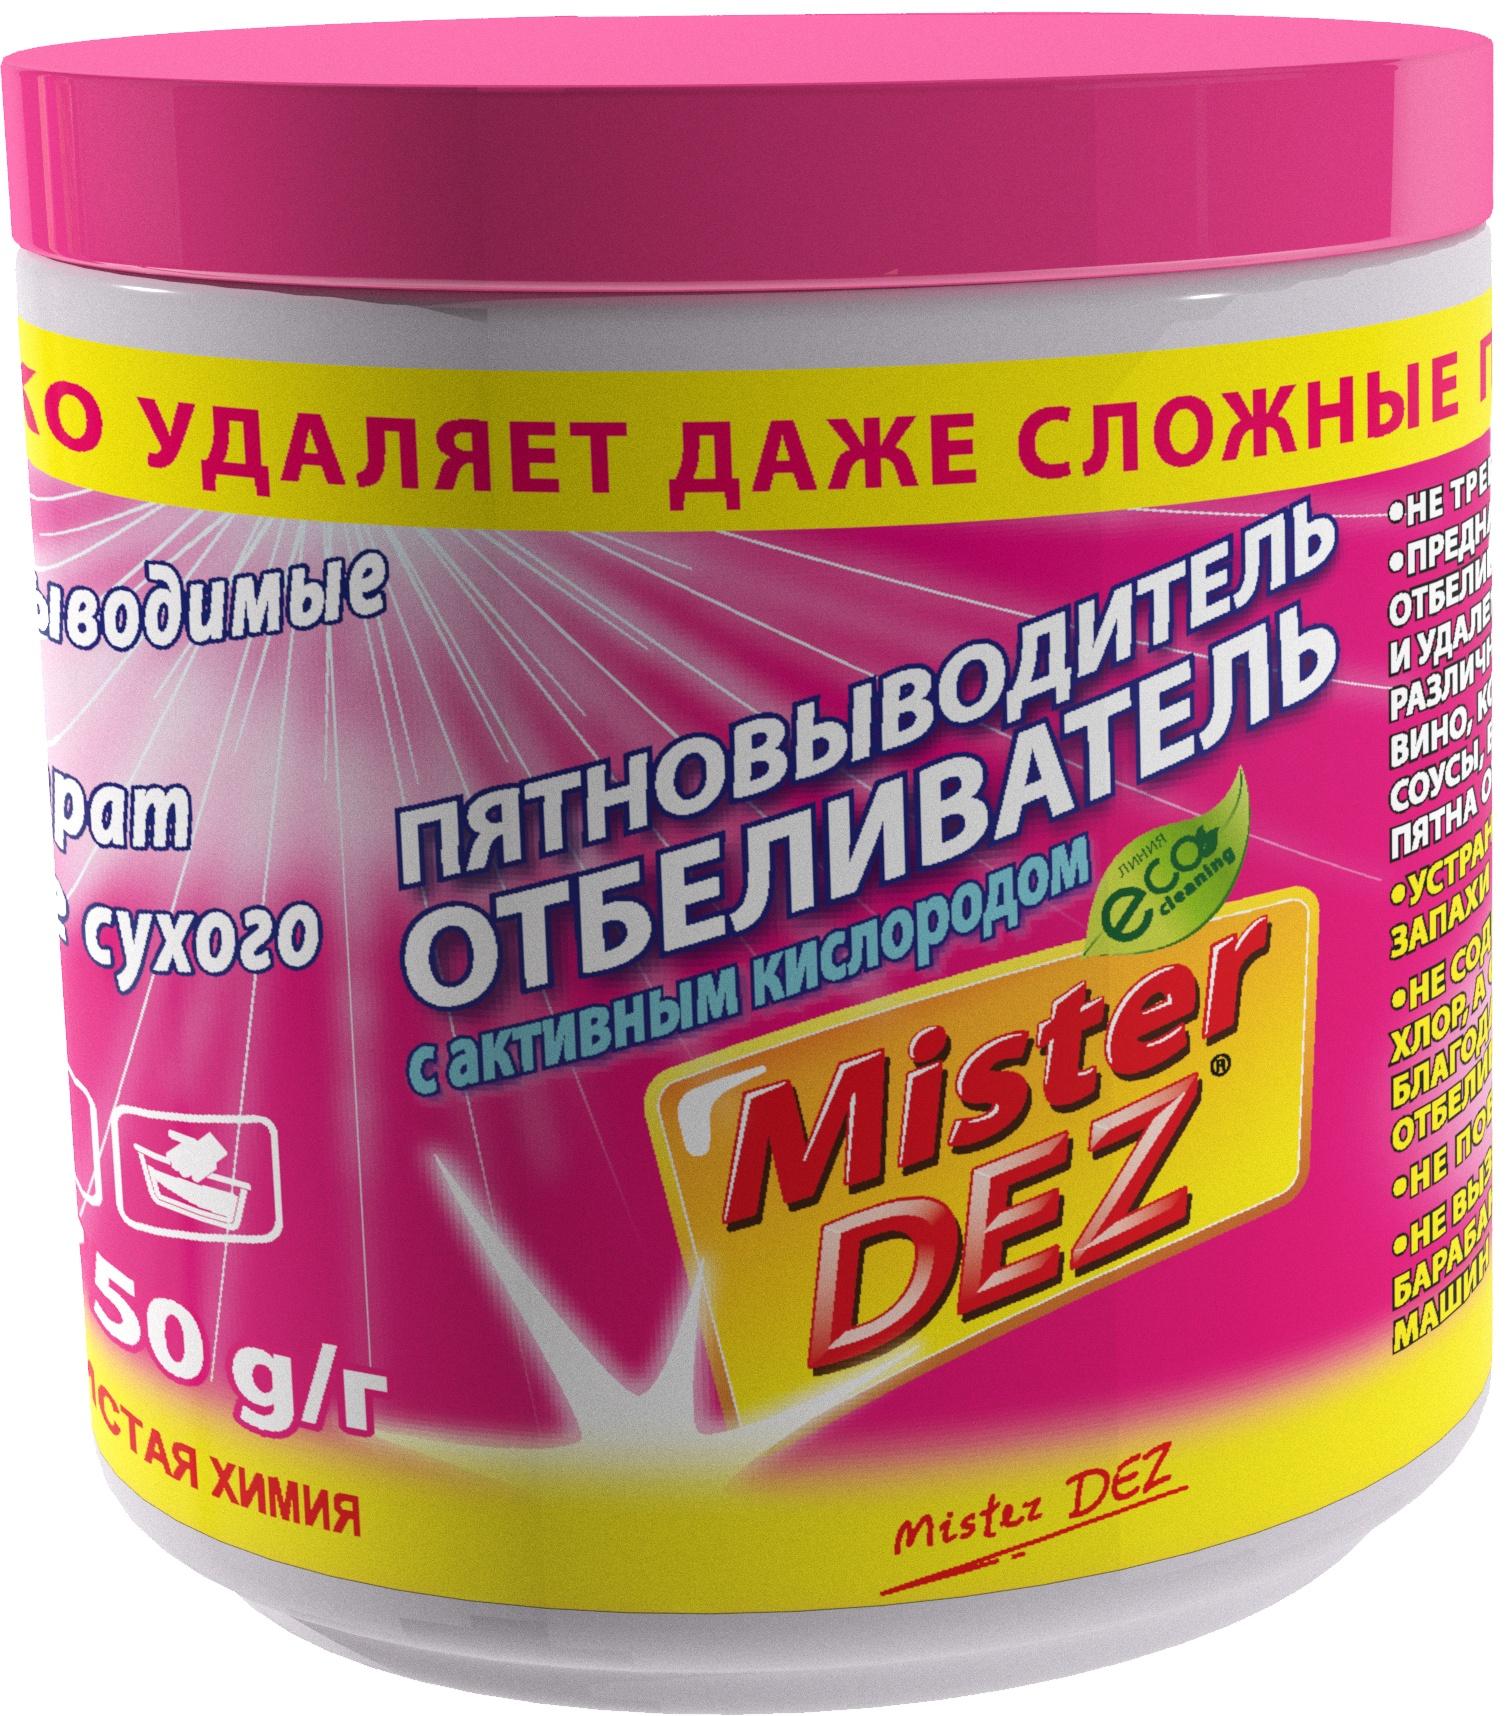 Отбеливатель-пятновыводитель Mister Dez Eco-Cleaning с активным кислородом 750 гр тайфун пятновыводитель кислородный 270г